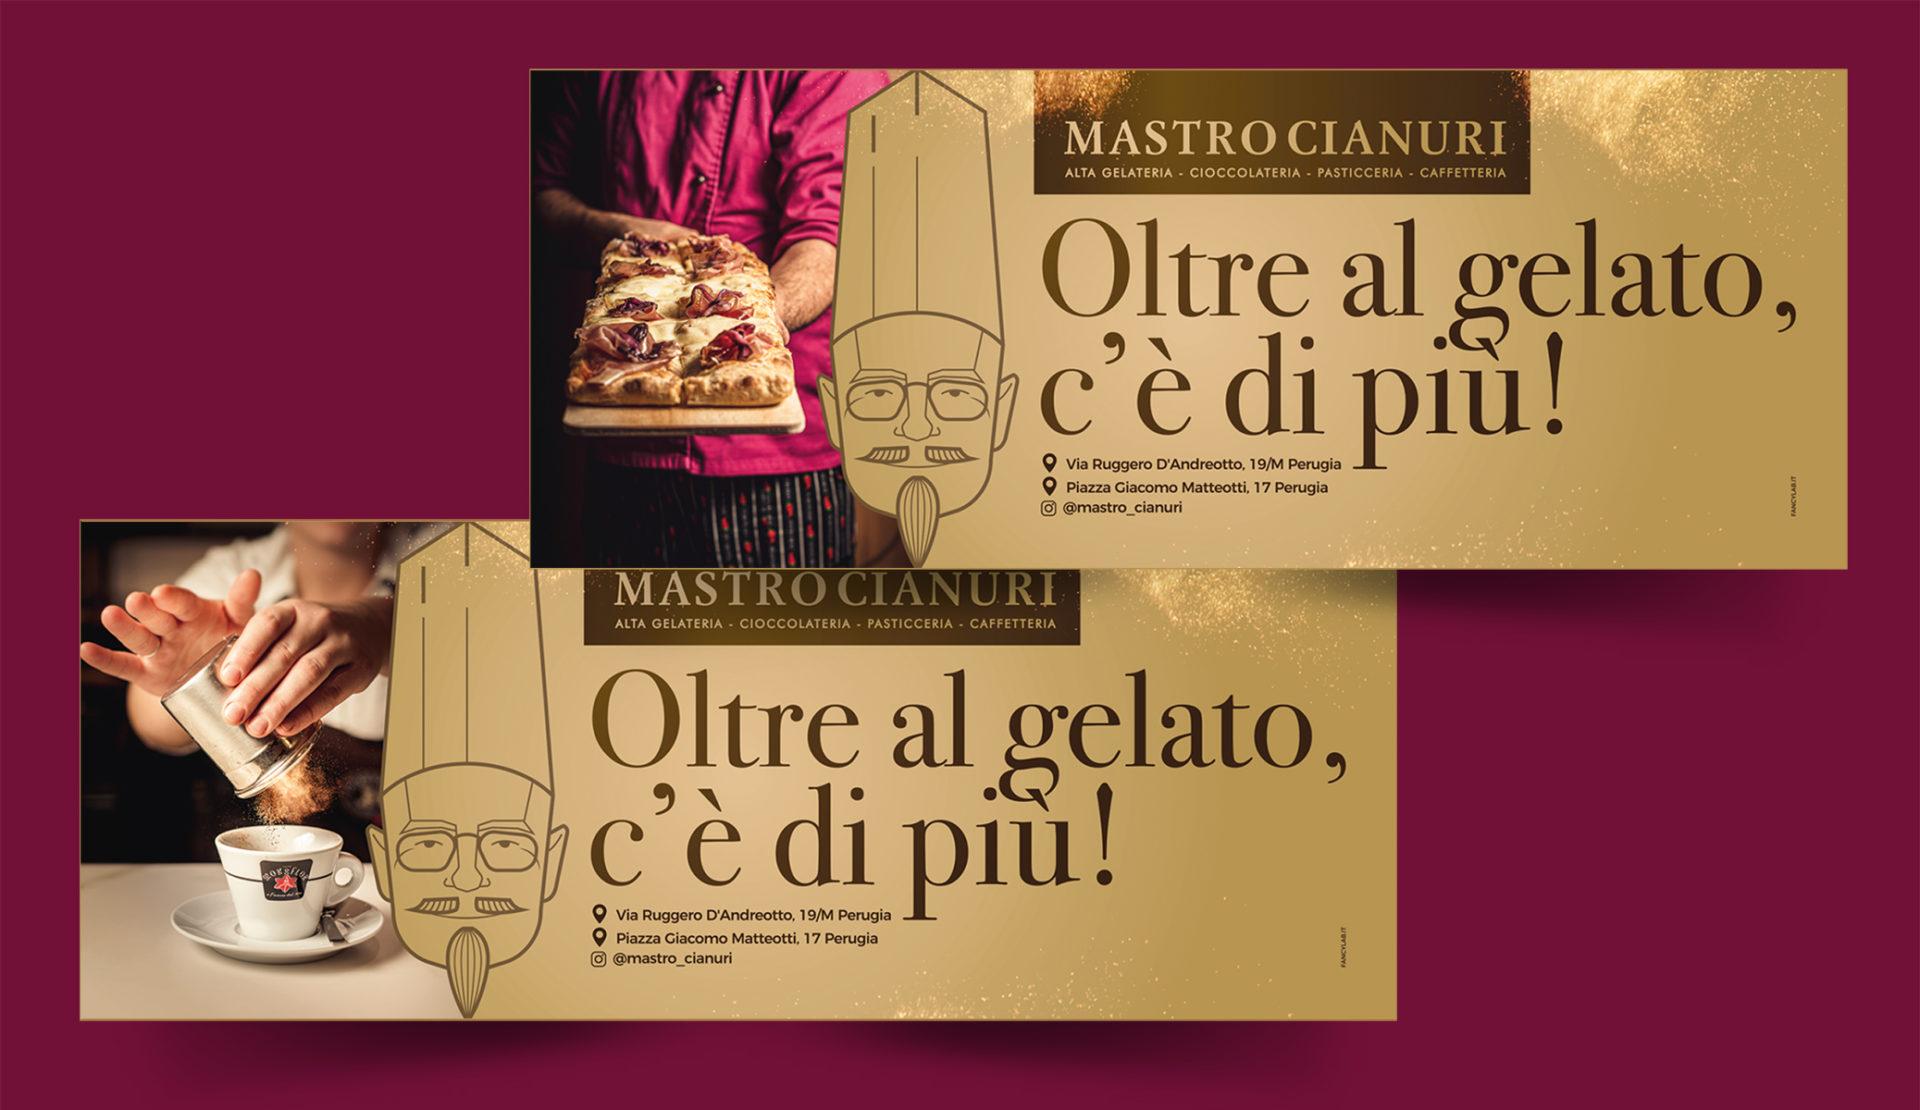 MASTRO CIANURI FANCY FACTORY DI ALESSANDRO ZACCARO